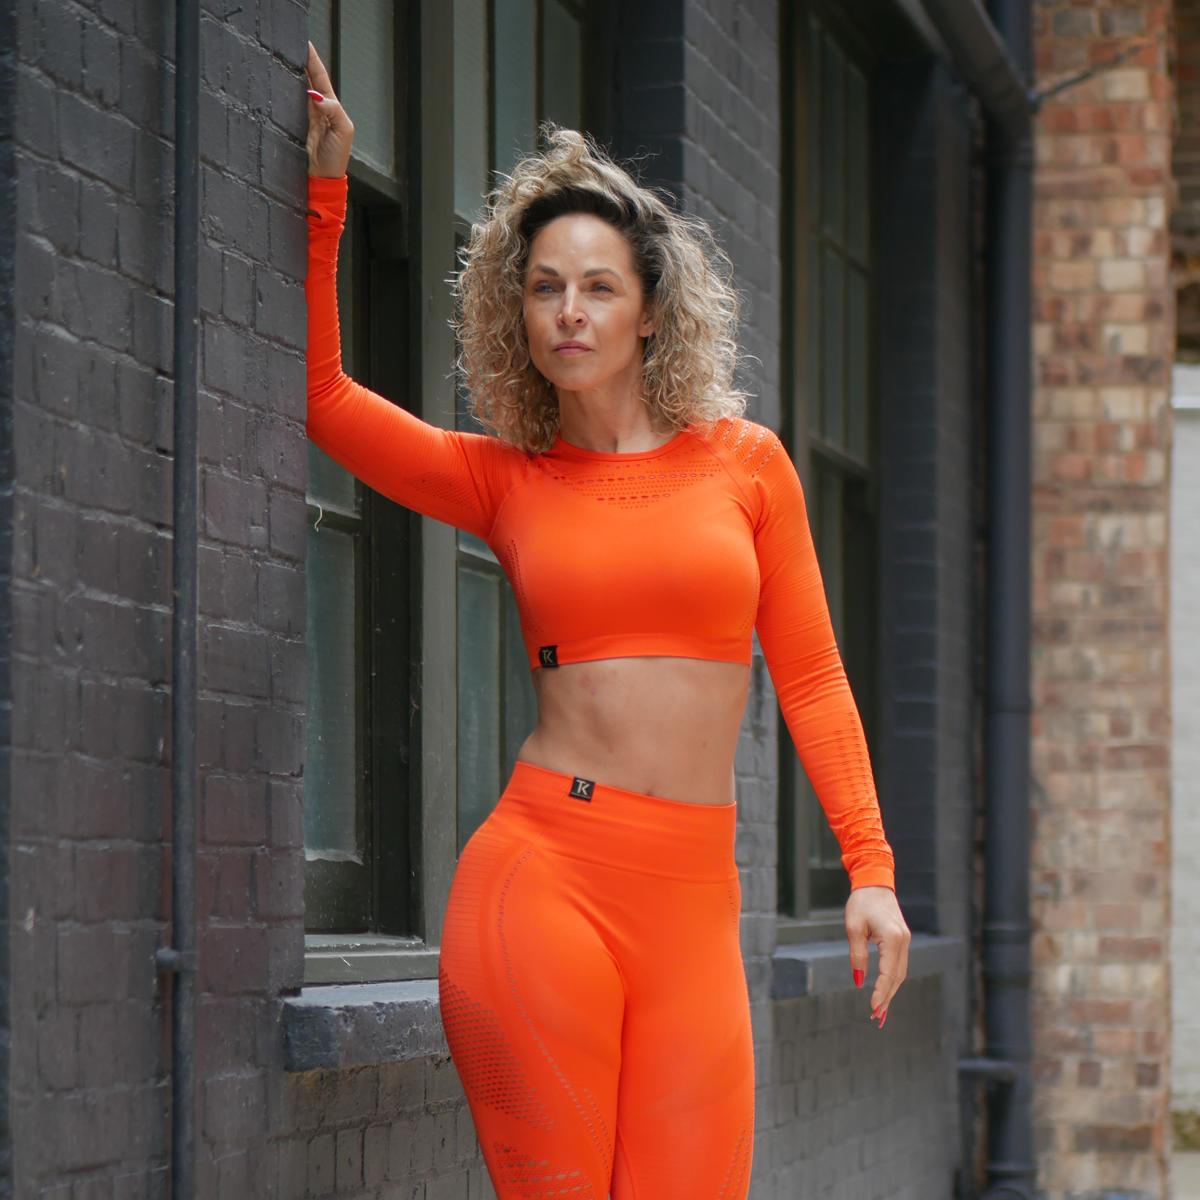 Tamara-Kramer-Orange-set03.png